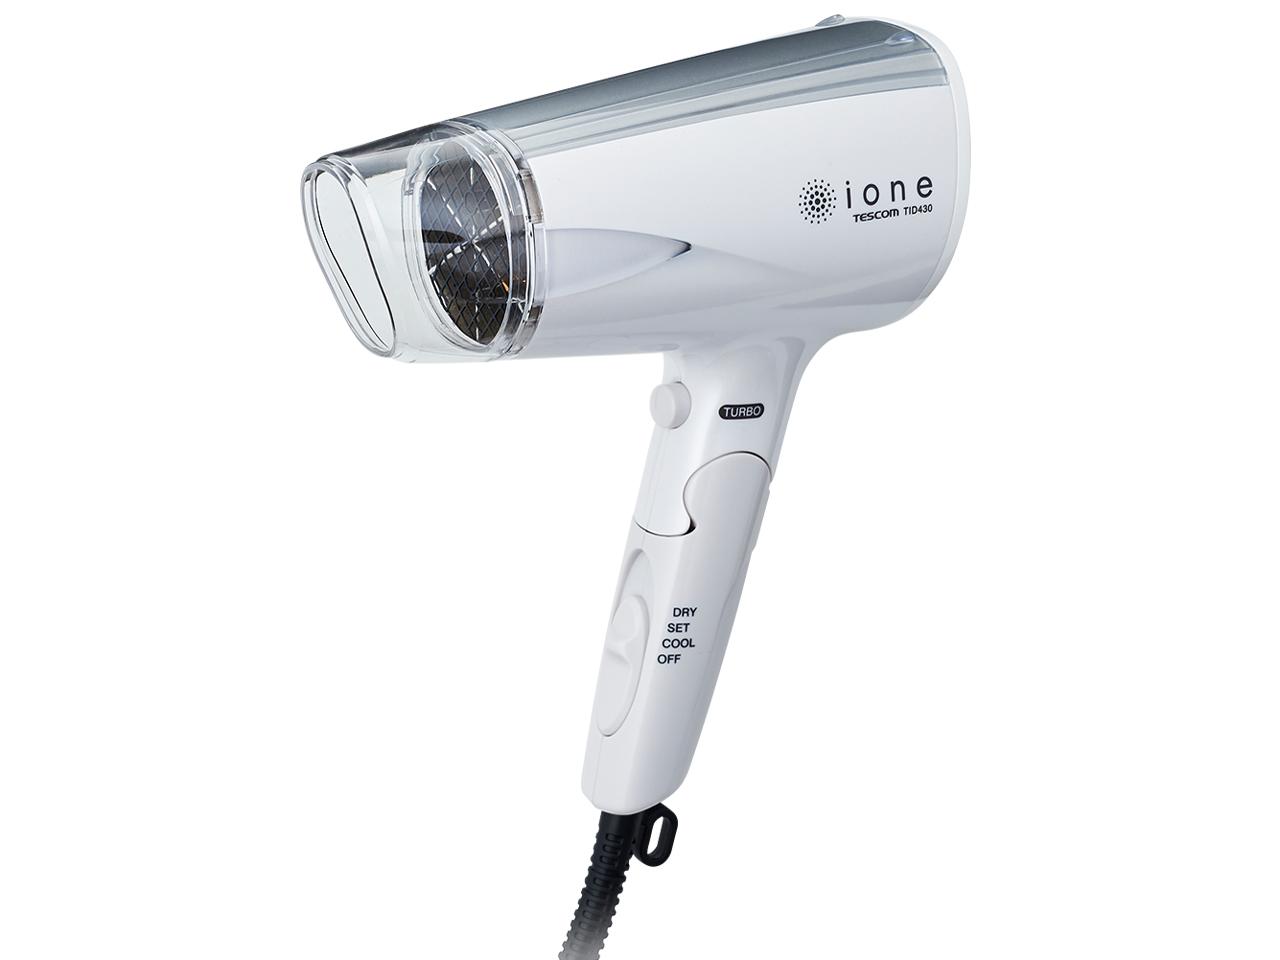 『本体1』 ione TID430-S [ライトシルバー] の製品画像